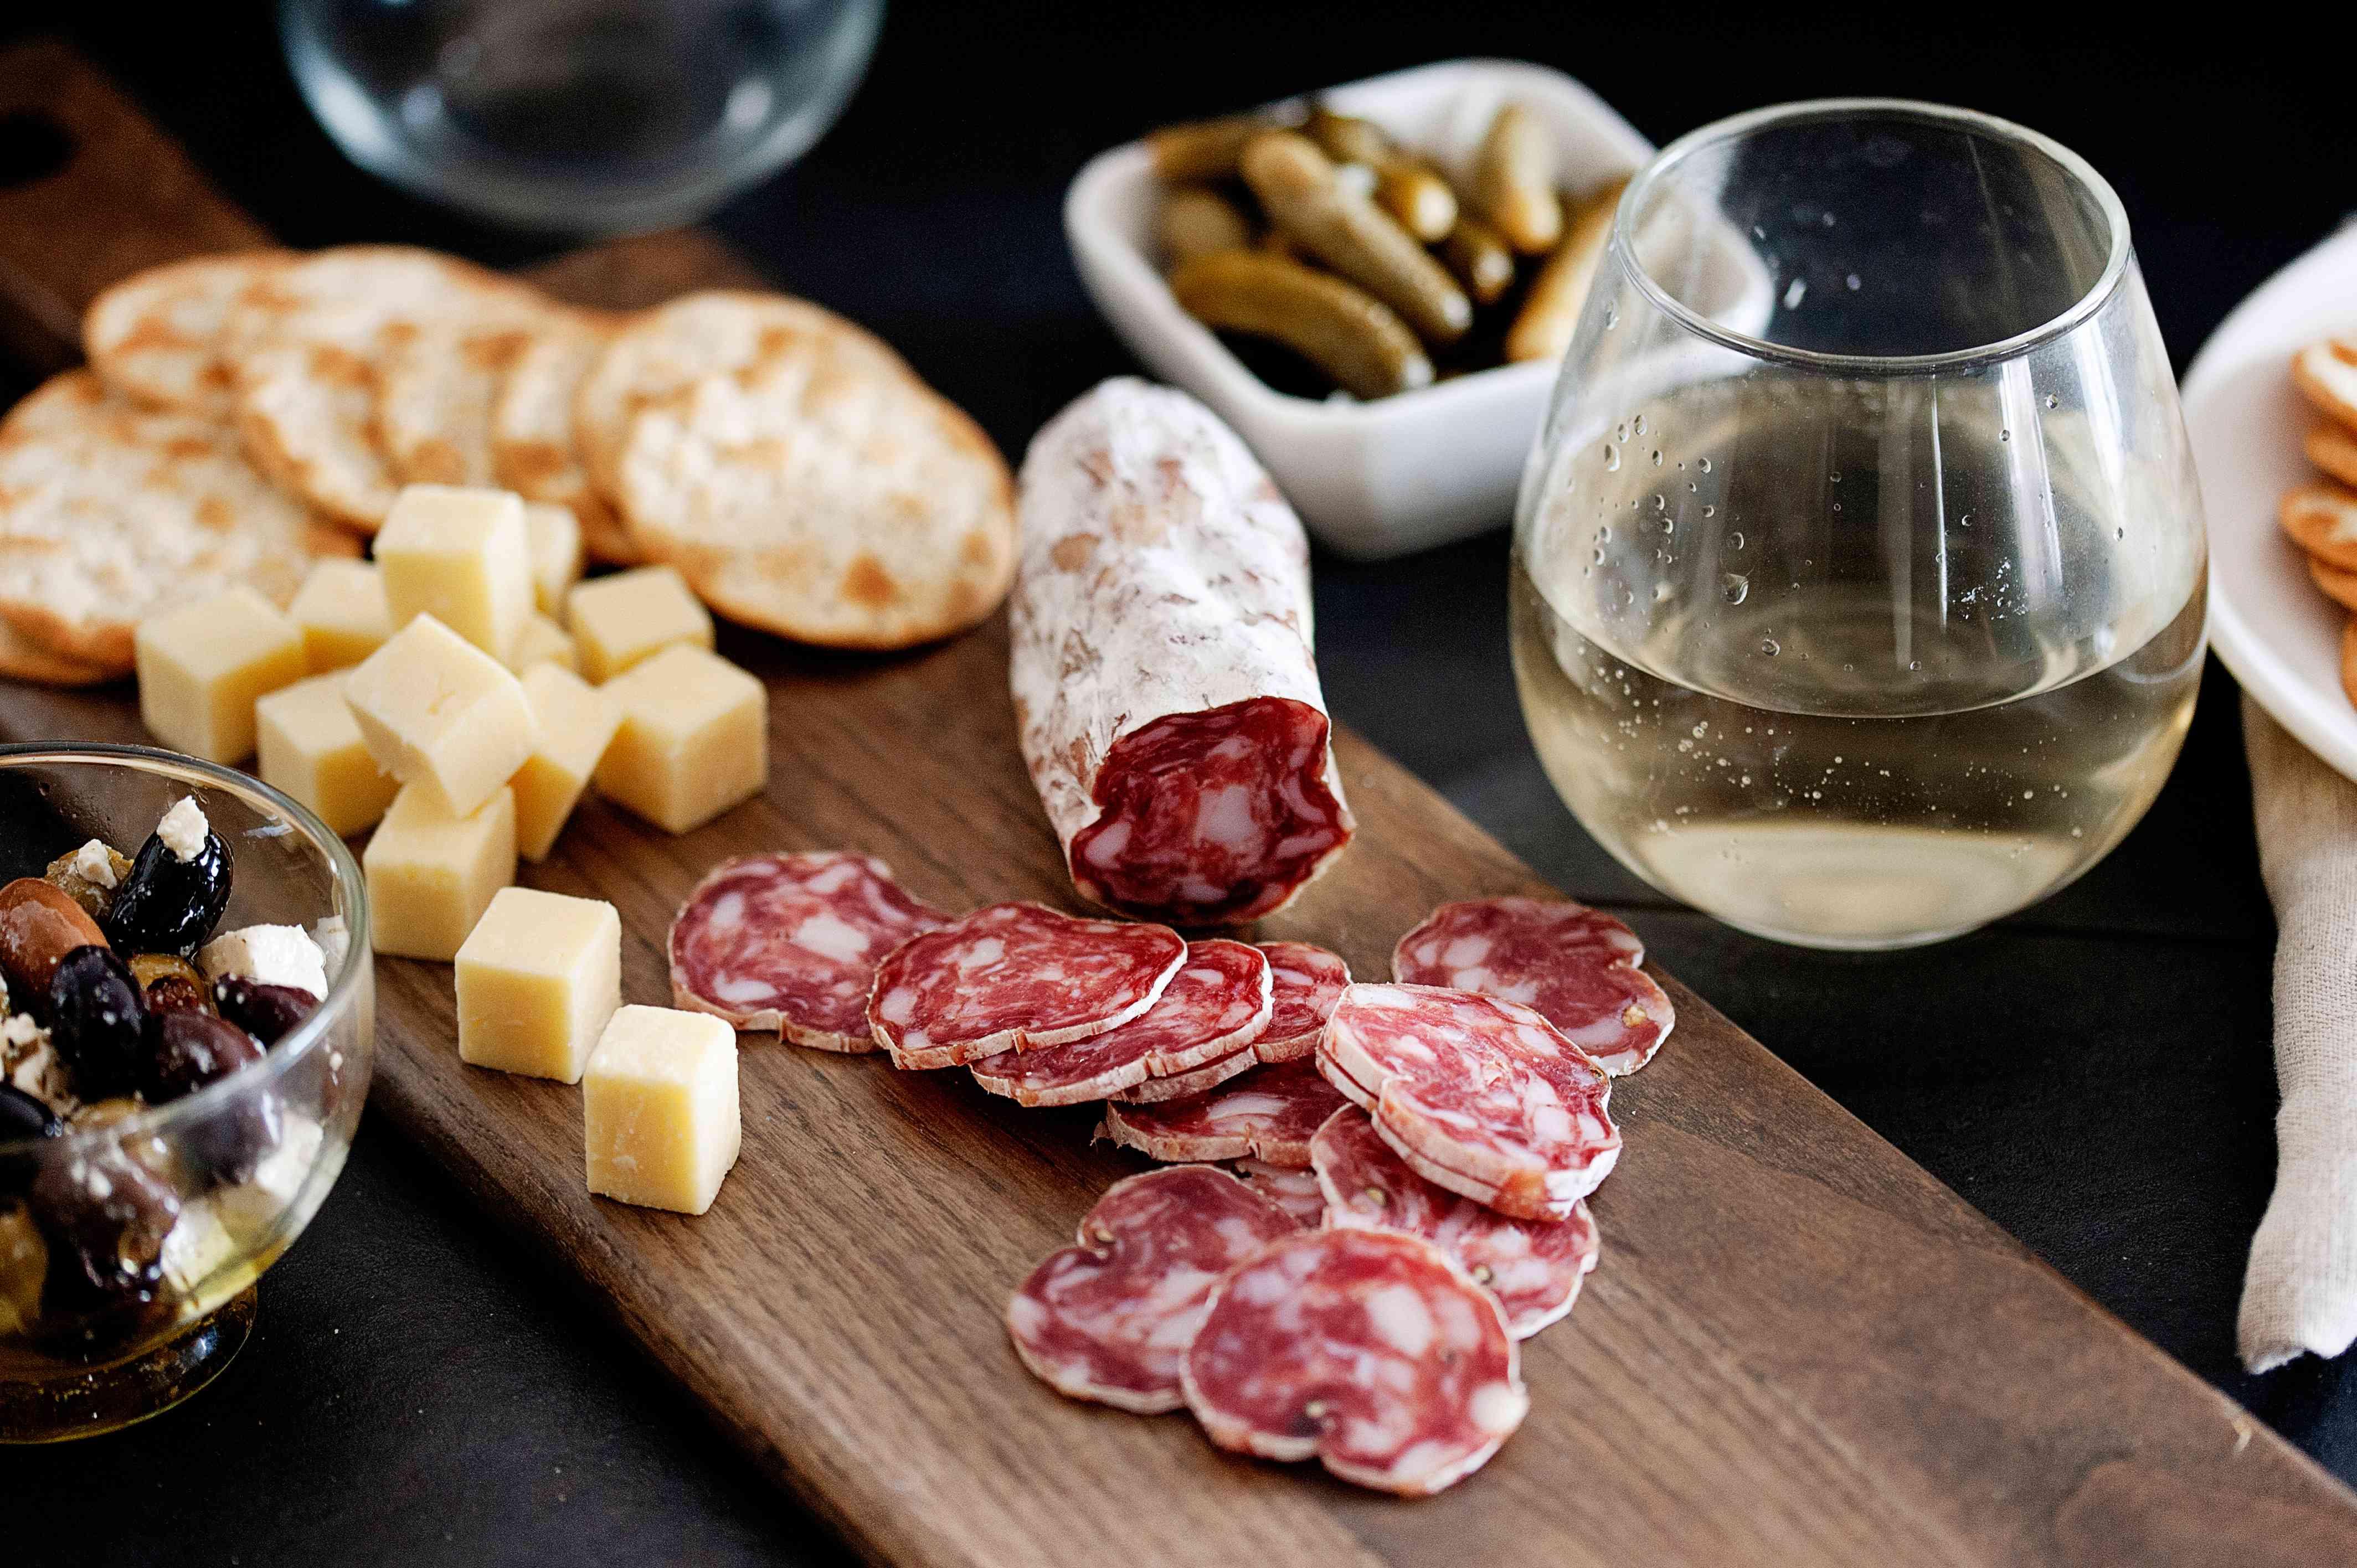 charcuterie spread with wine and soppressata